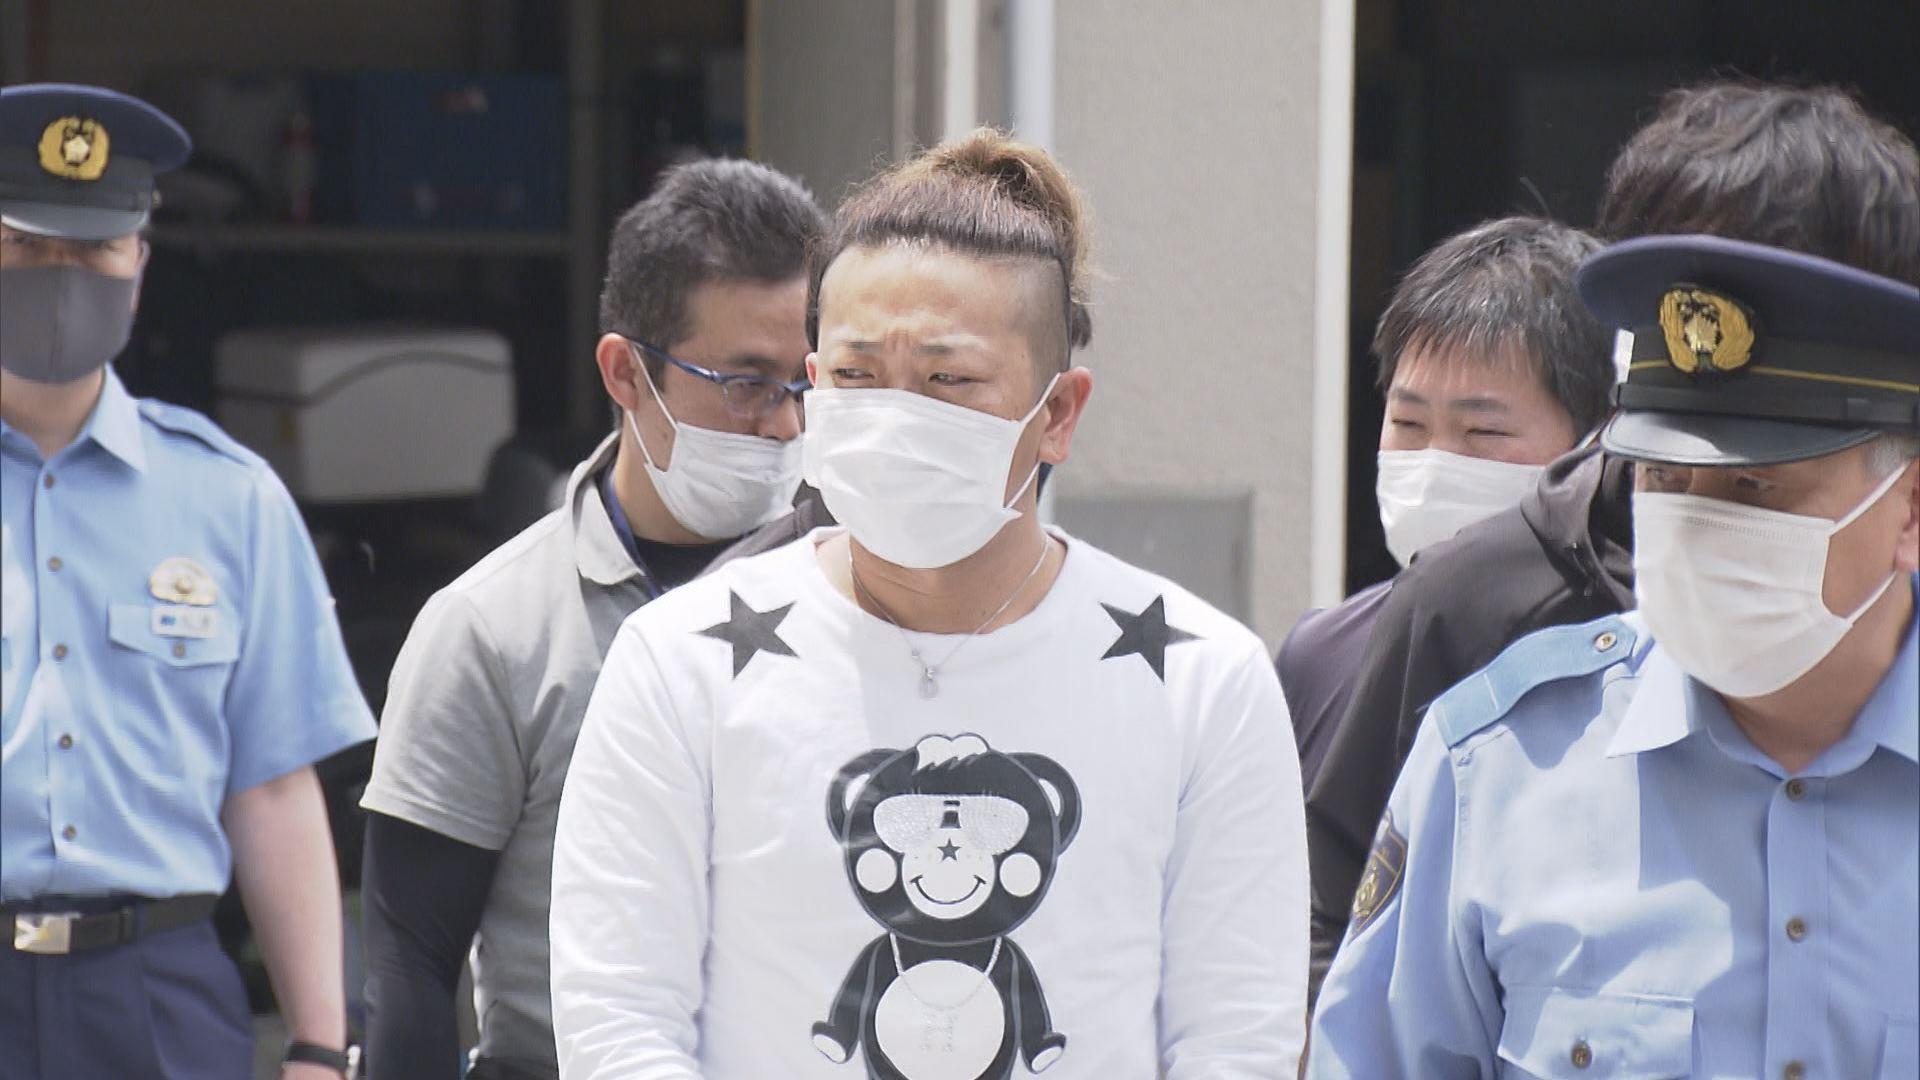 23歳大学生「レクサスLX(800万)乗ってます」←窃盗 塗装工ら逮捕 名古屋